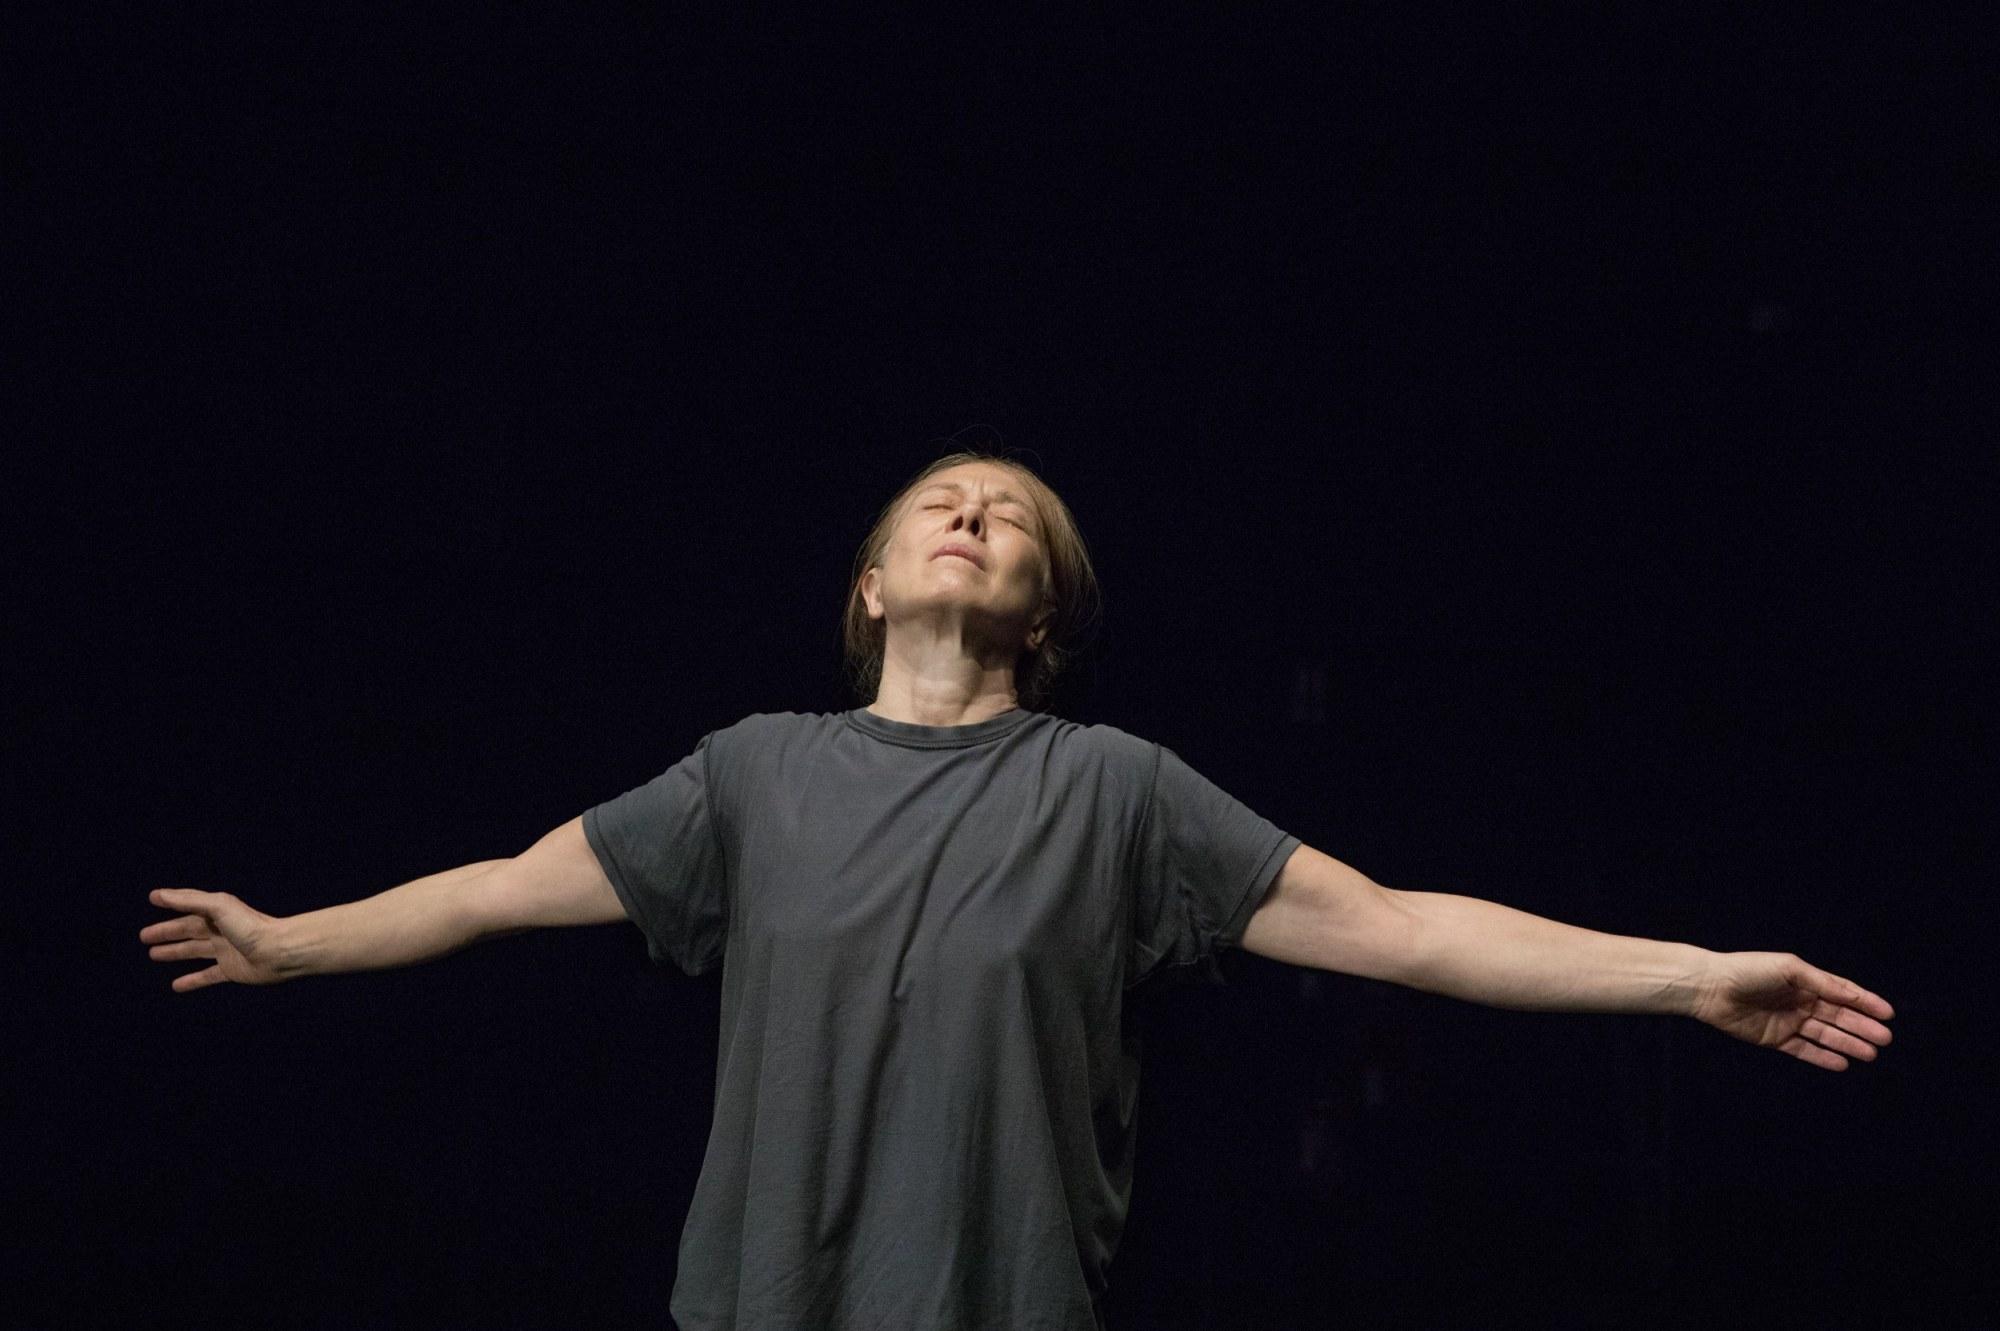 Danse pour une actrice © Véronique Ellena